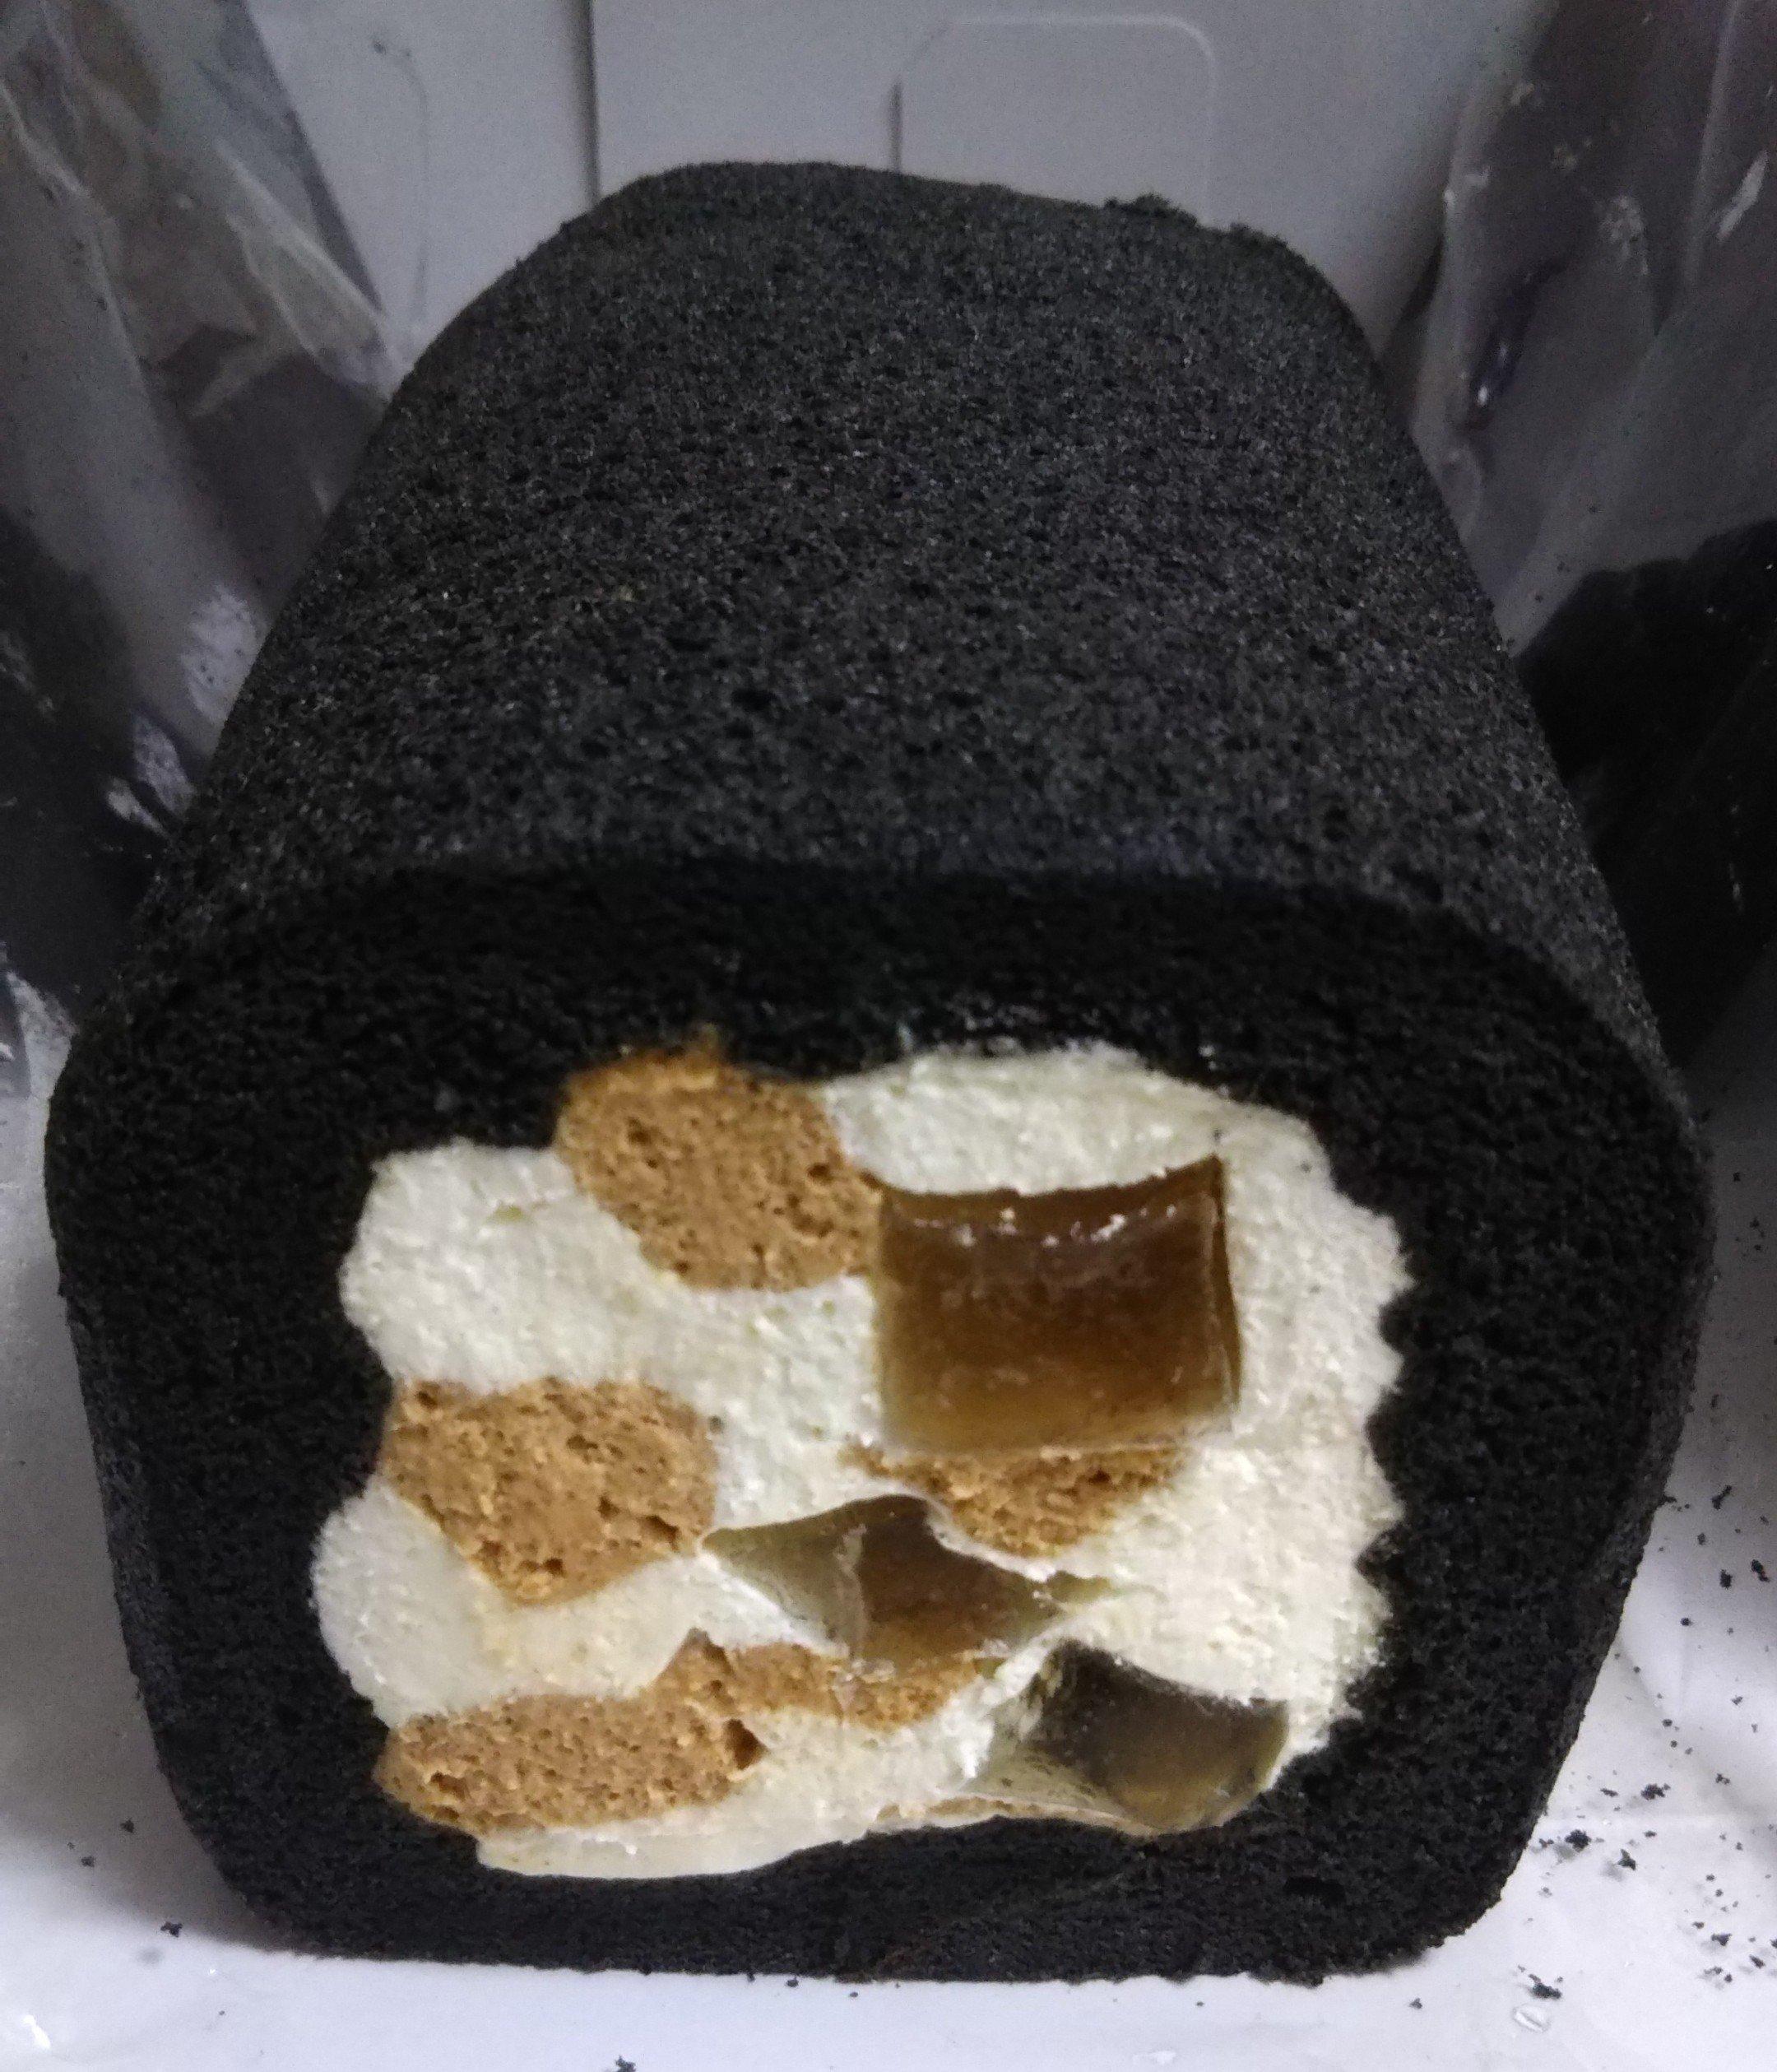 吉祥菓寮焦がしきな粉のはんなりロール